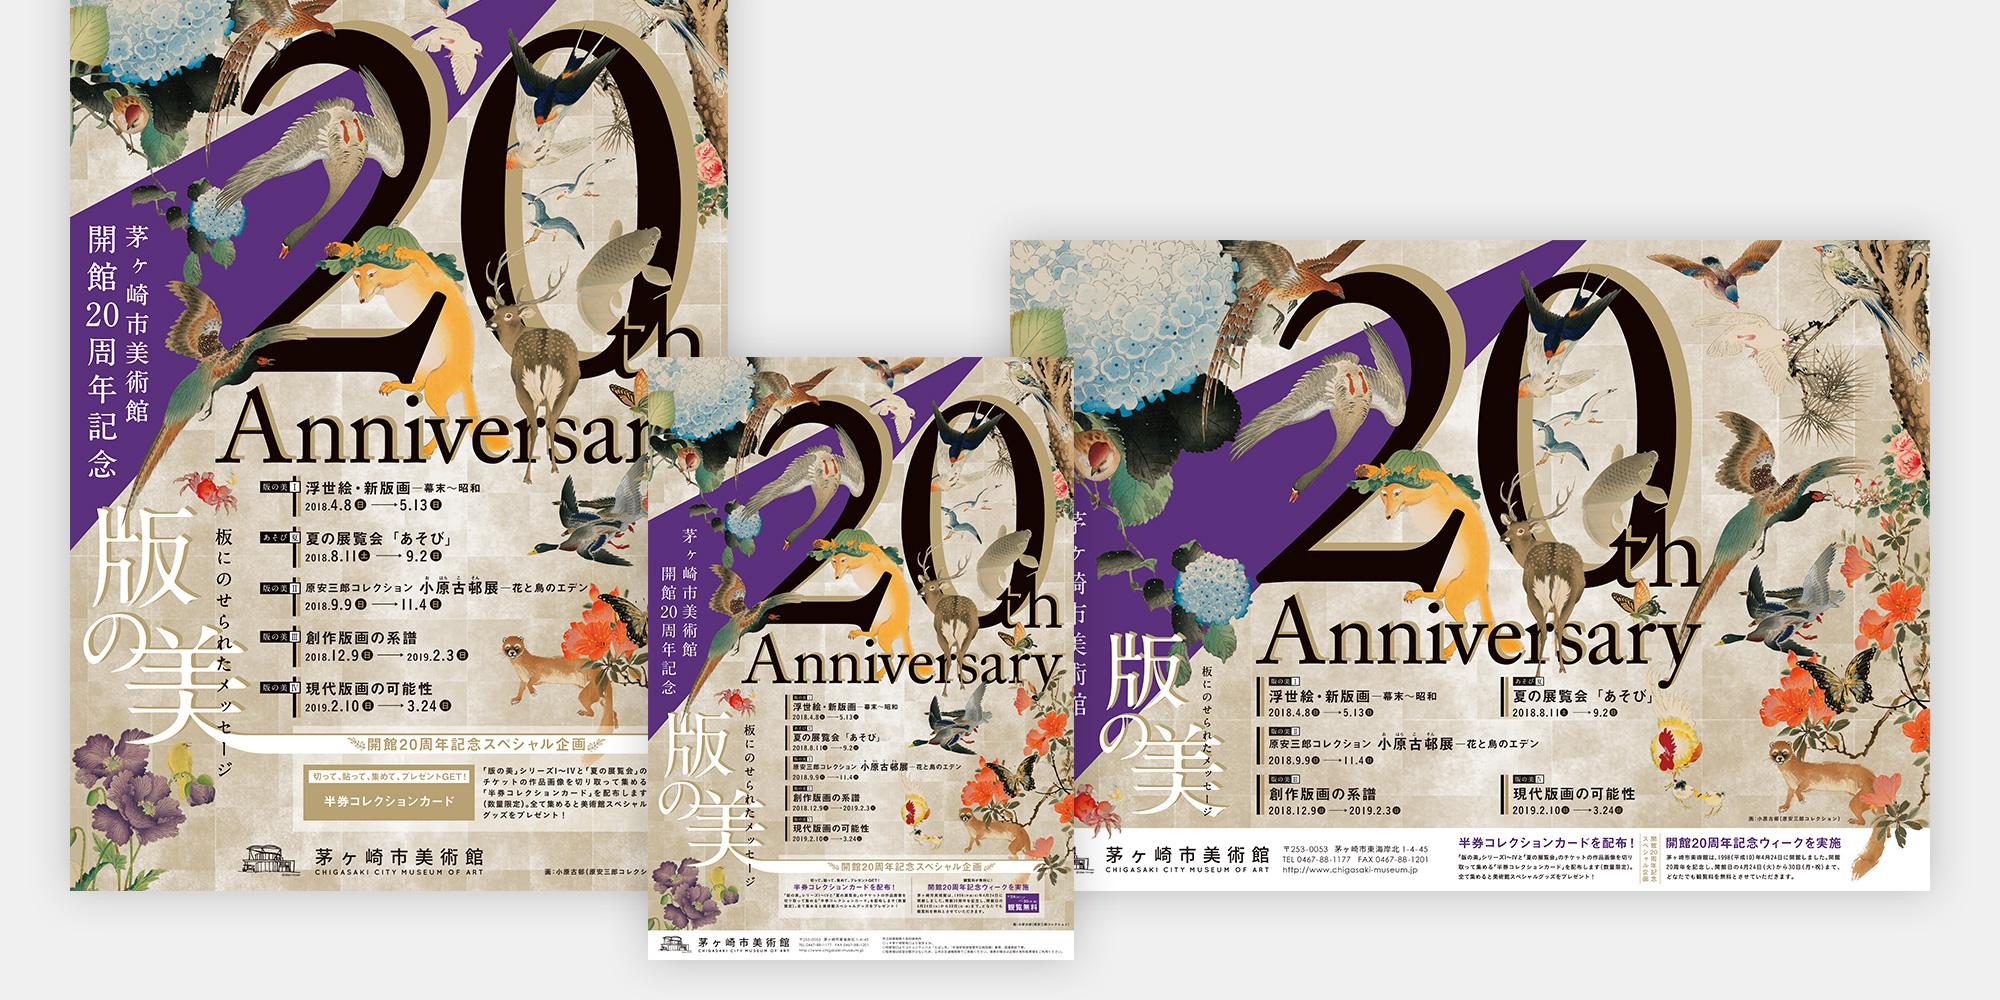 茅ヶ崎市美術館20周年記念企画